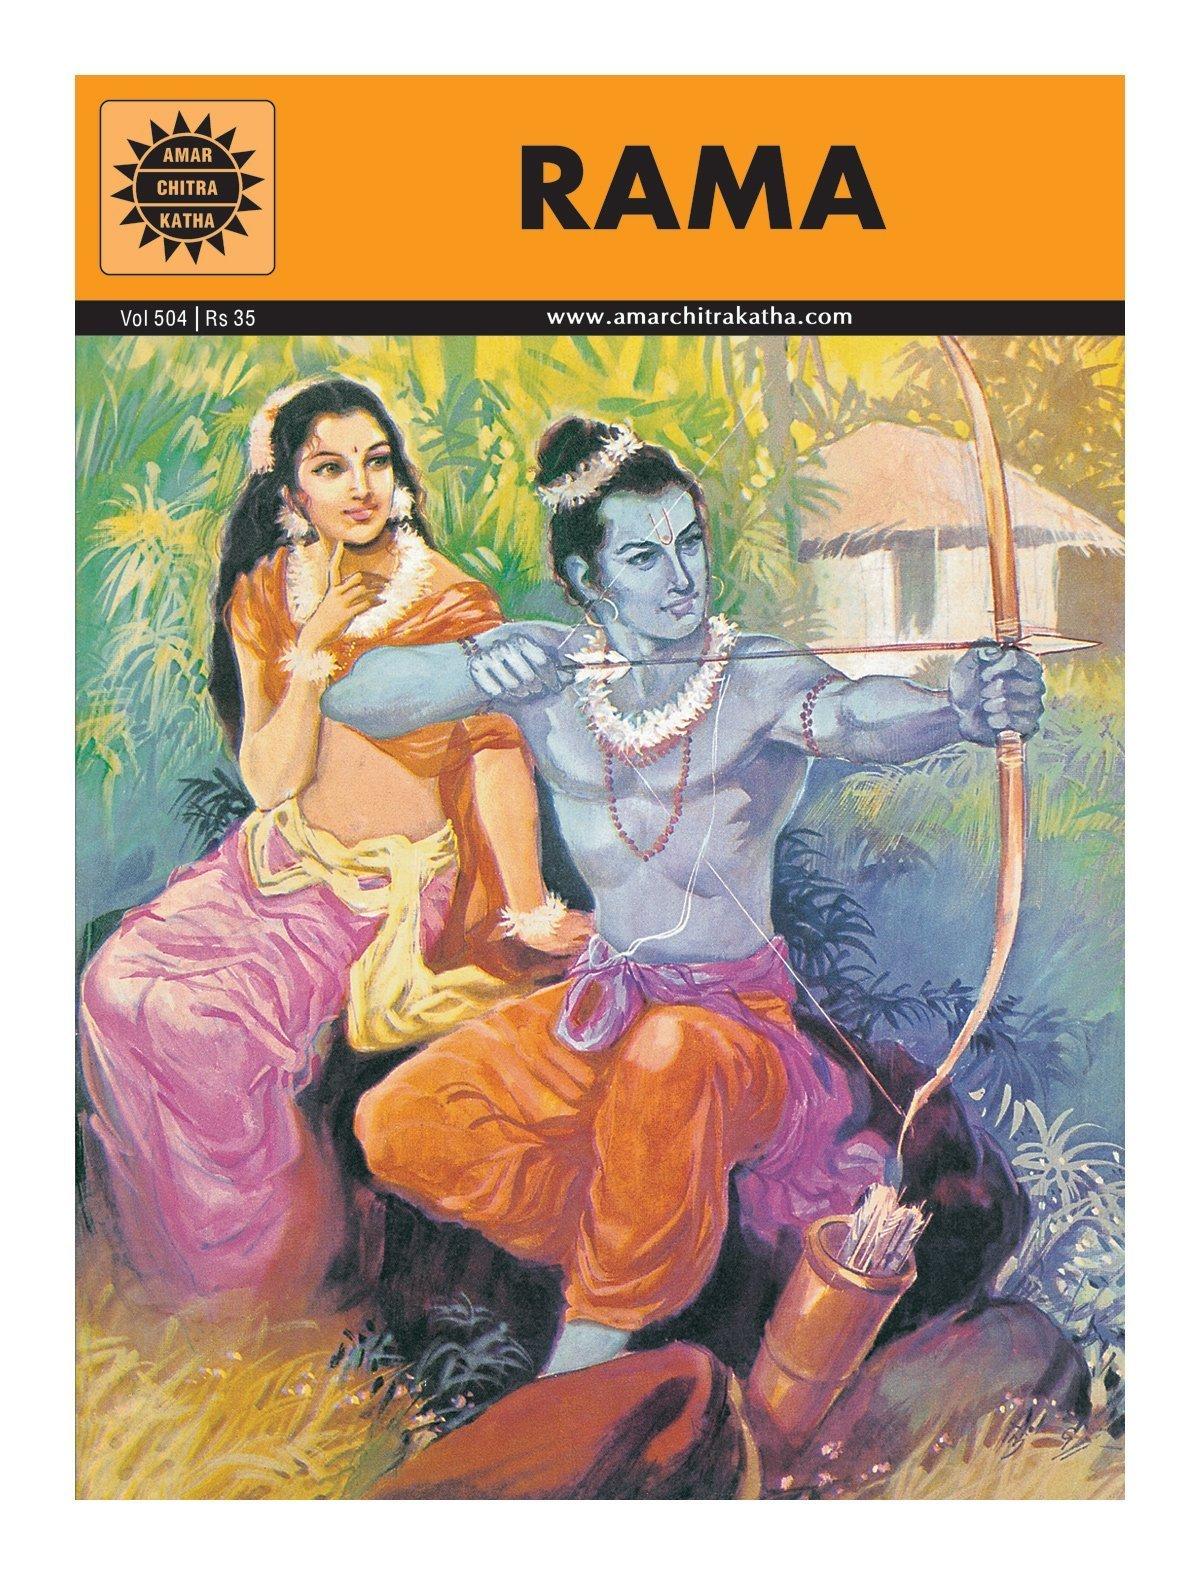 Rama by Amar Chitra Katha | Why do we Celebrate Dussehra Vacation | Kidskintha